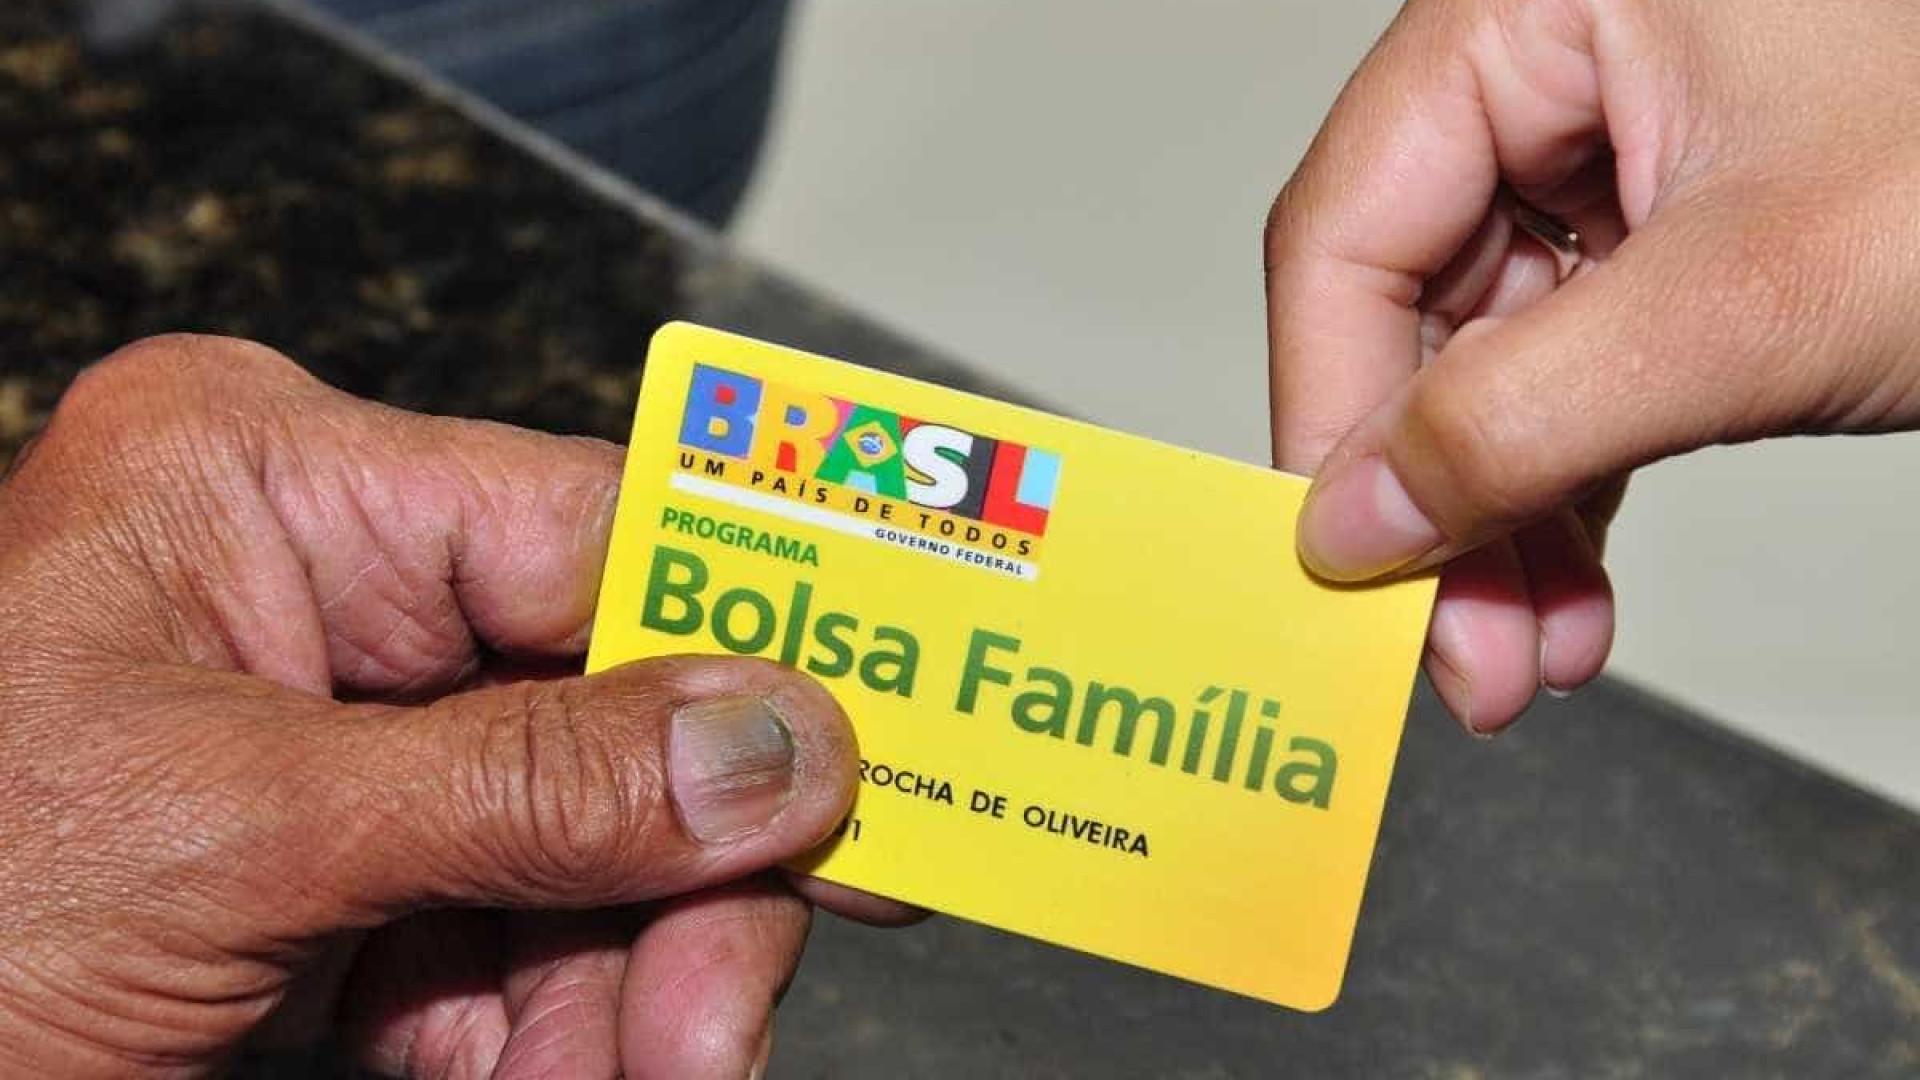 Beneficiários do Bolsa Família são investigados pelo MPF